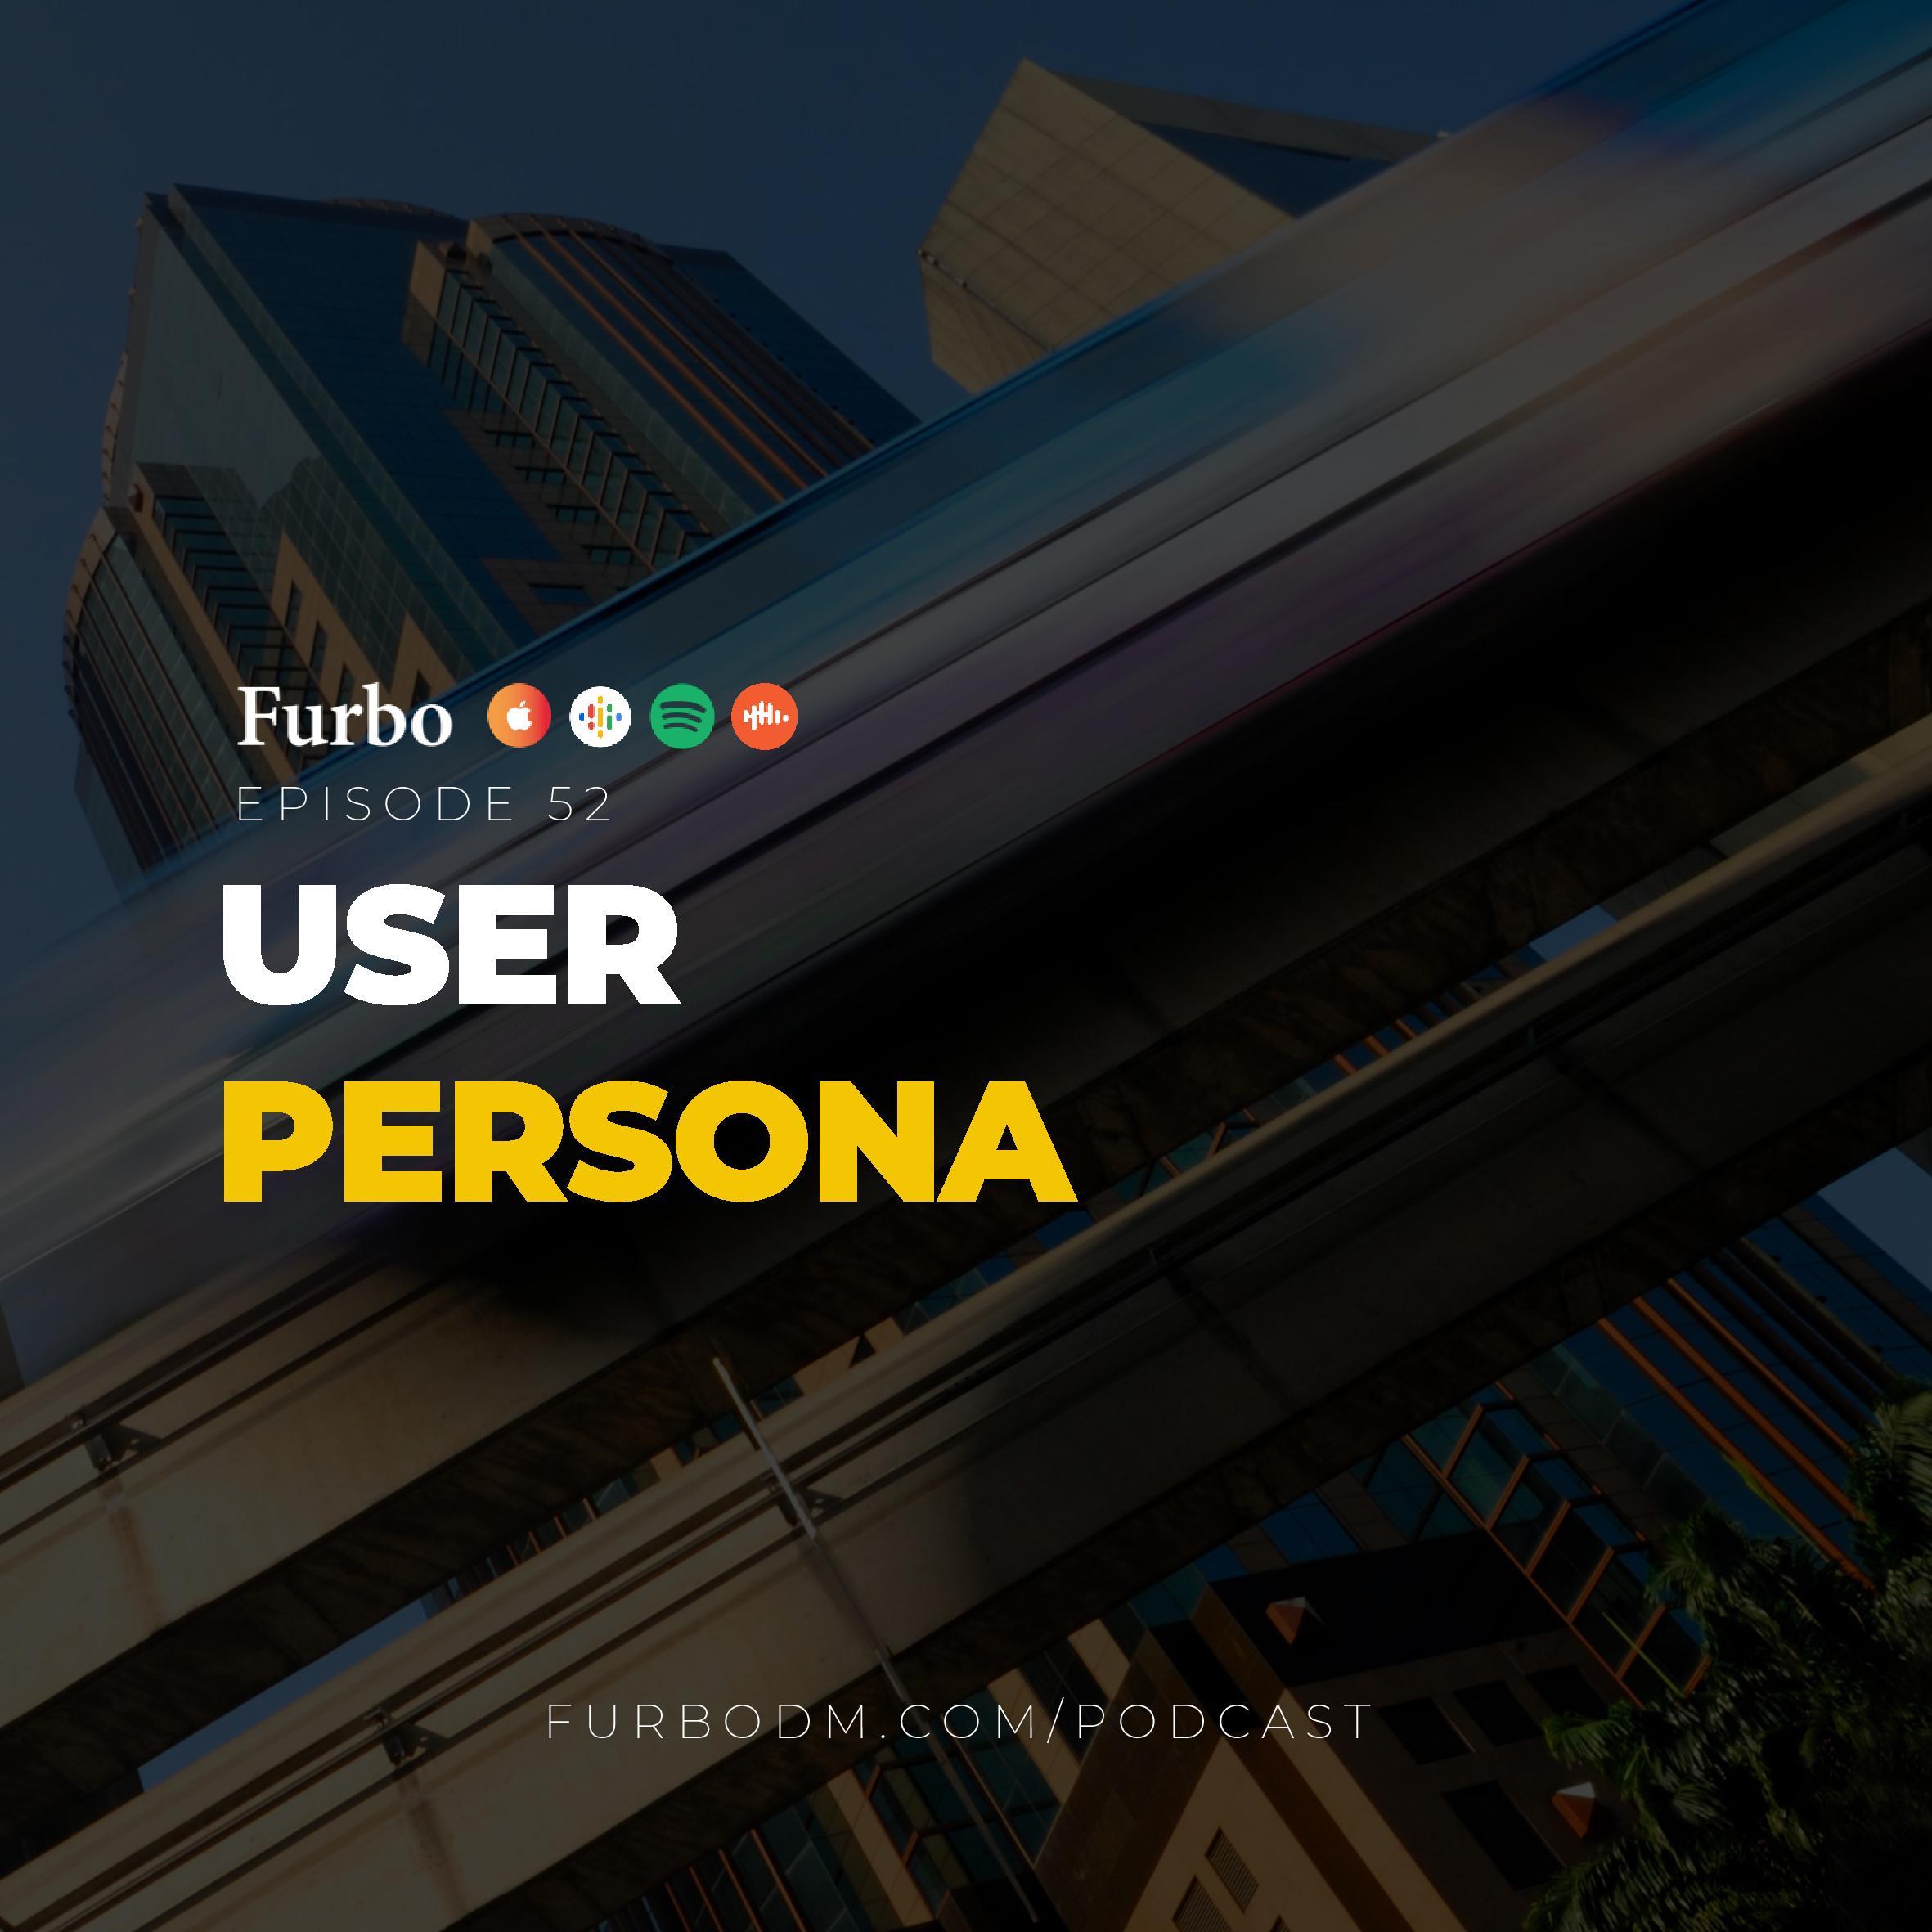 E52: Persona   پرسونا چیست و چطور با طراحی پرسونای مخاطب تولید محتوا را هدفمند کنیم؟